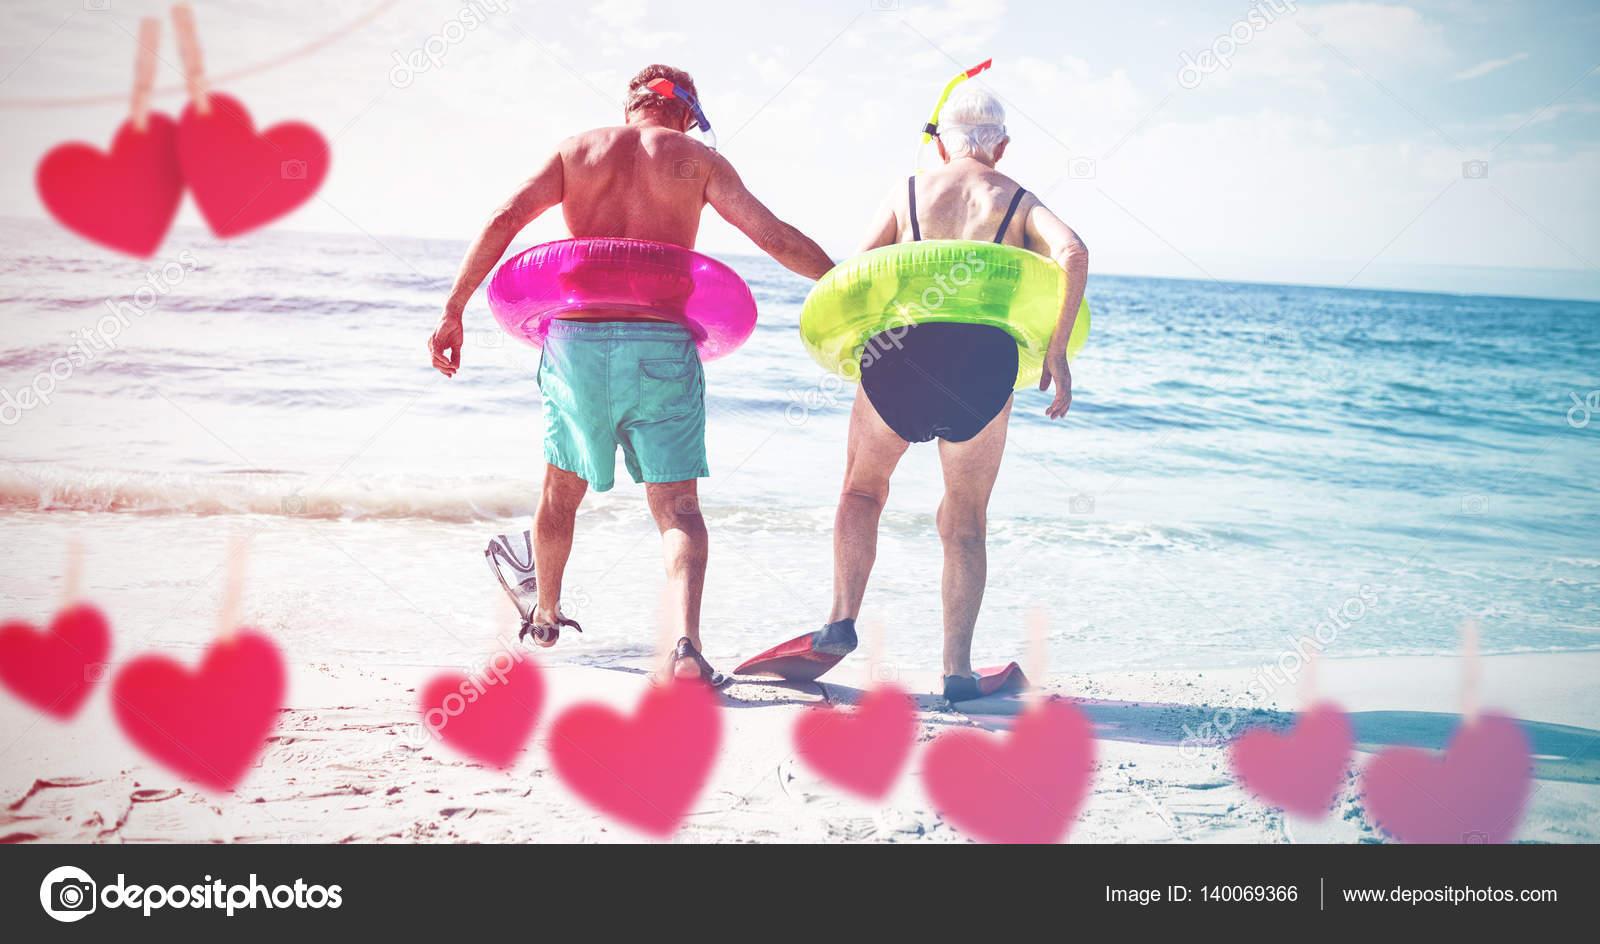 Pareja en anillo inflable y aleta caminando en la playa: fot